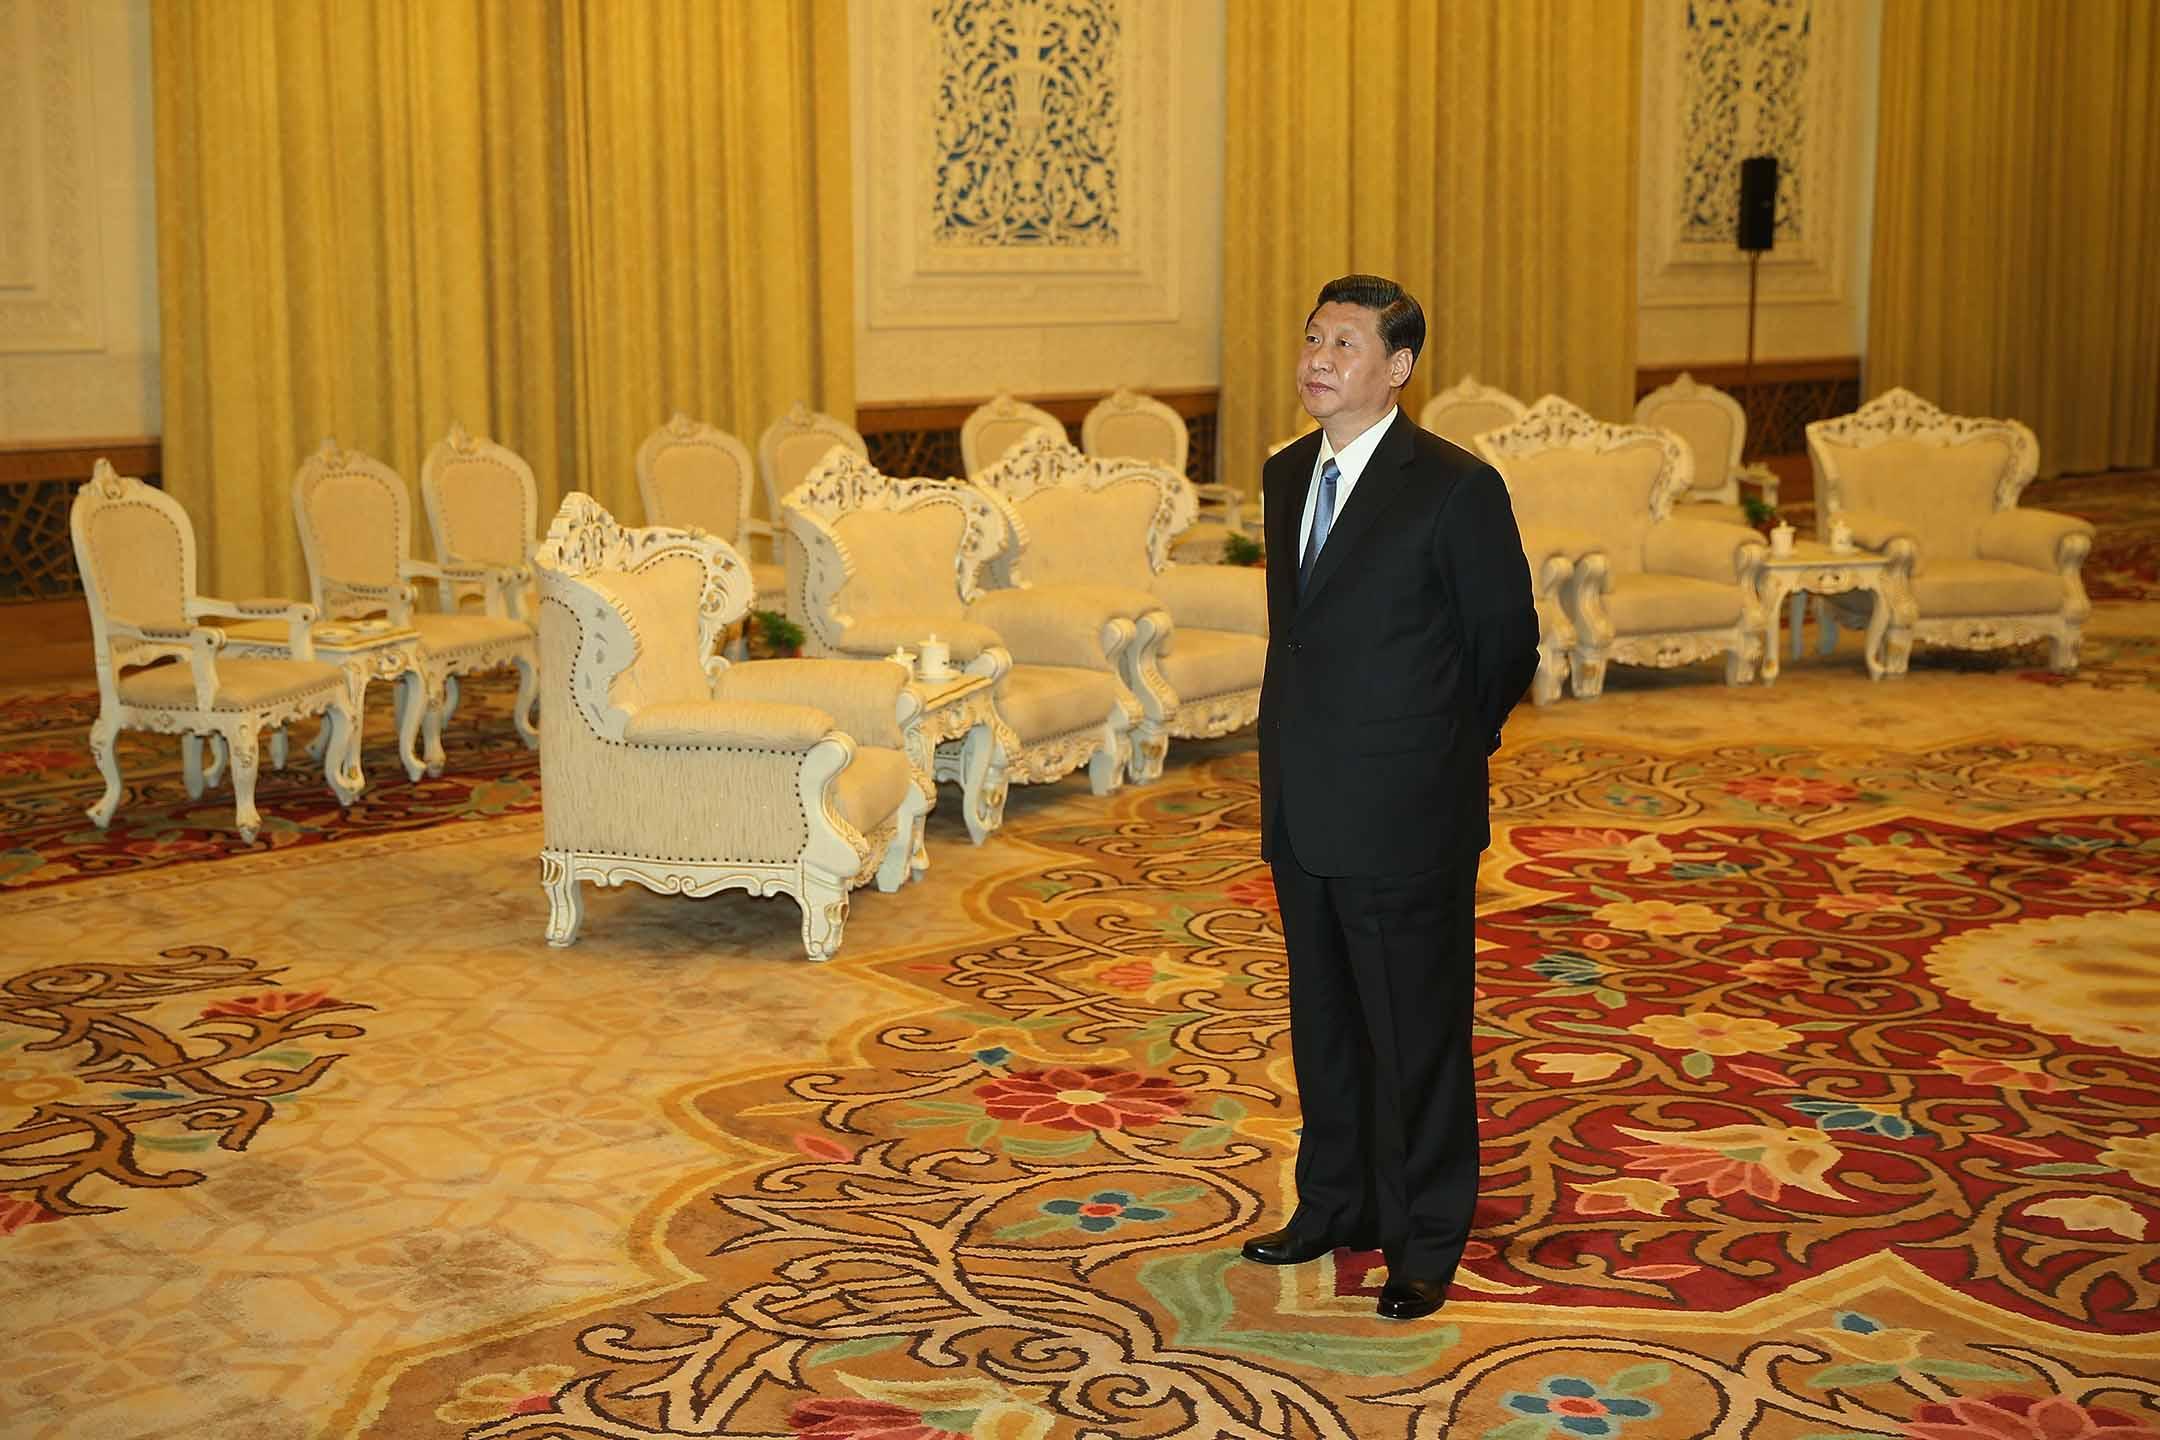 2013年3月19日中國北京,中國國家主席習近平於人民大會堂等待會見美國財政部長雅各布盧。